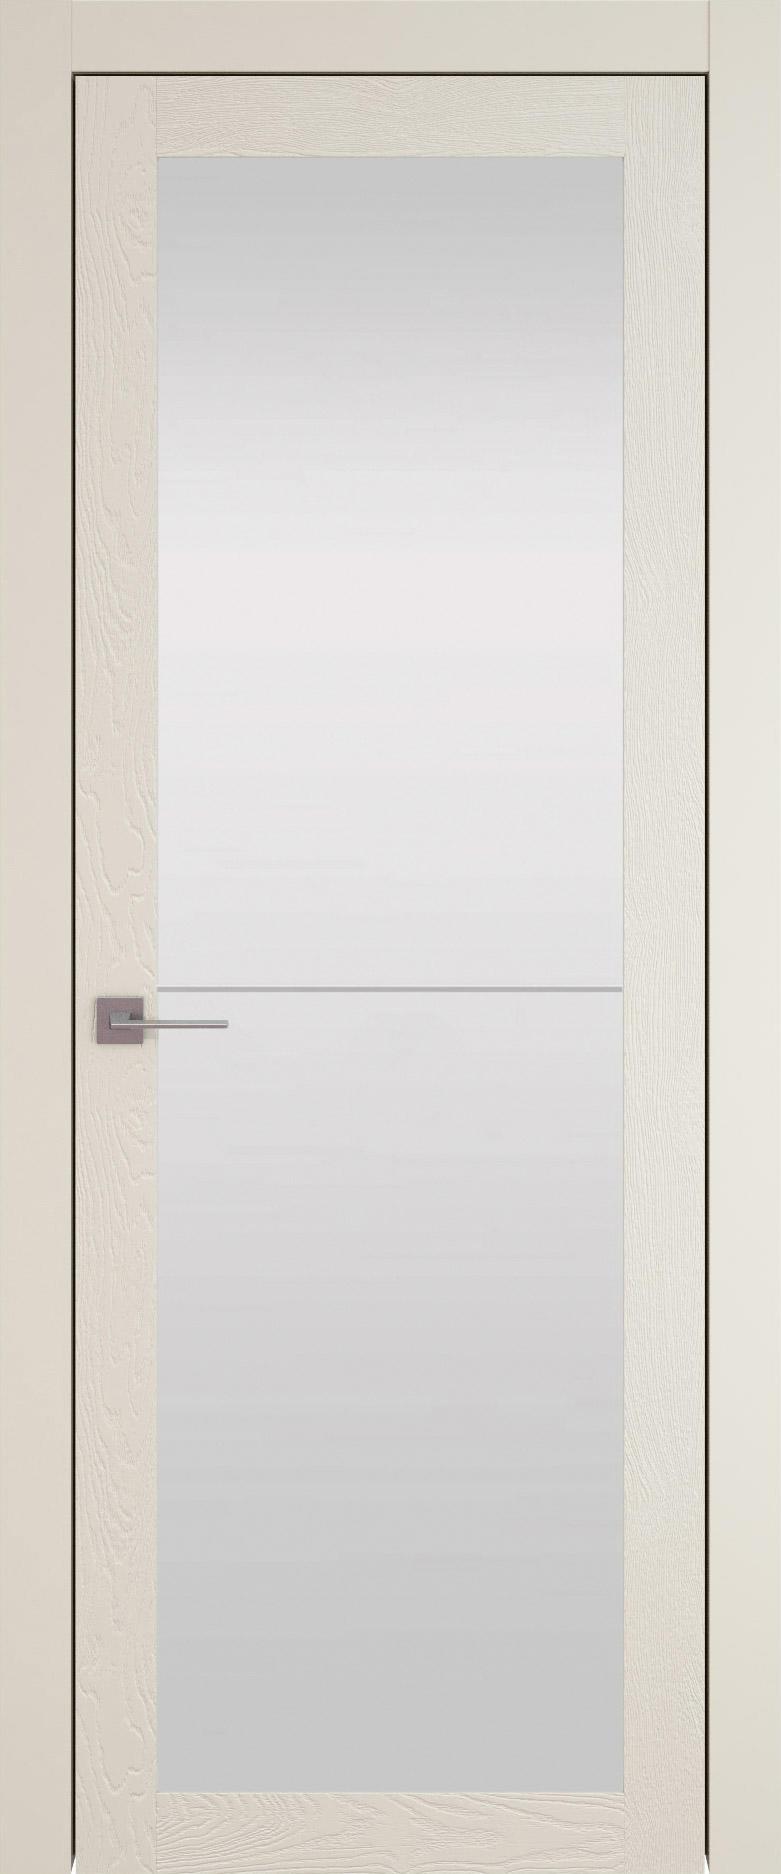 Tivoli З-2 цвет - Жемчужная эмаль по шпону (RAL 1013) Со стеклом (ДО)